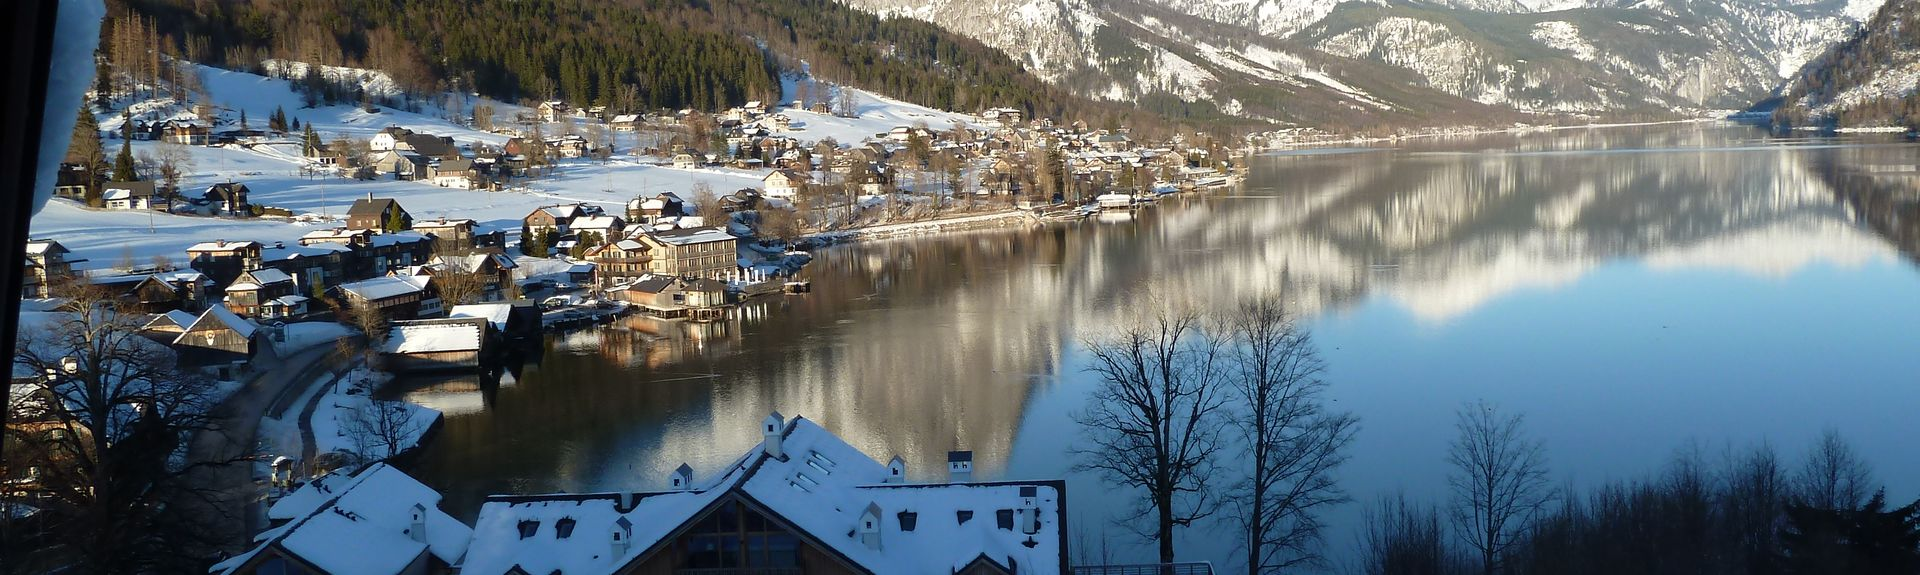 Grundlsee, Styria, Austria